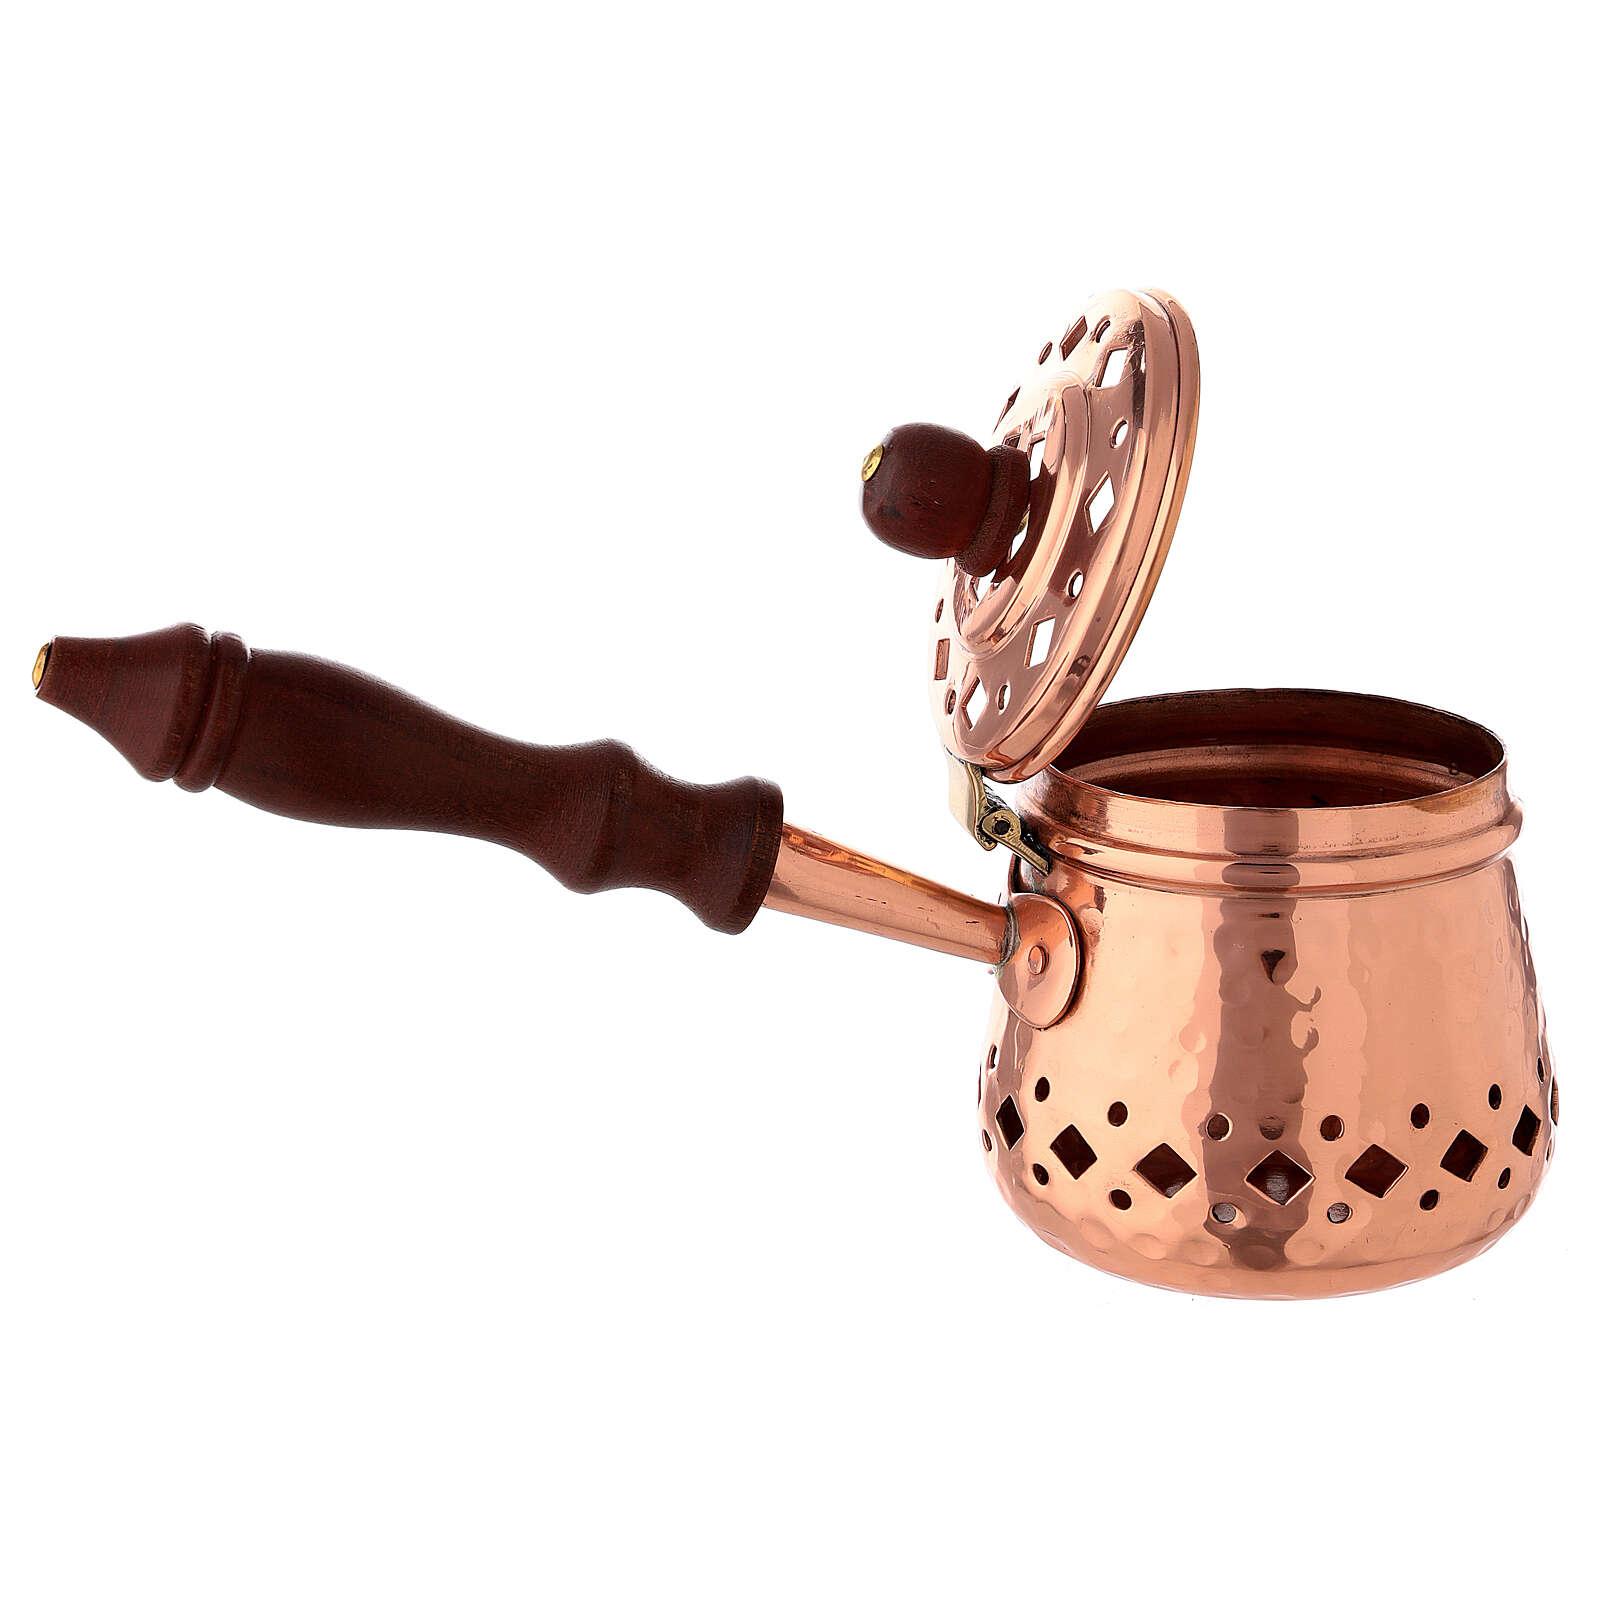 Sartén pequeño incienso cobre martillado madera 3